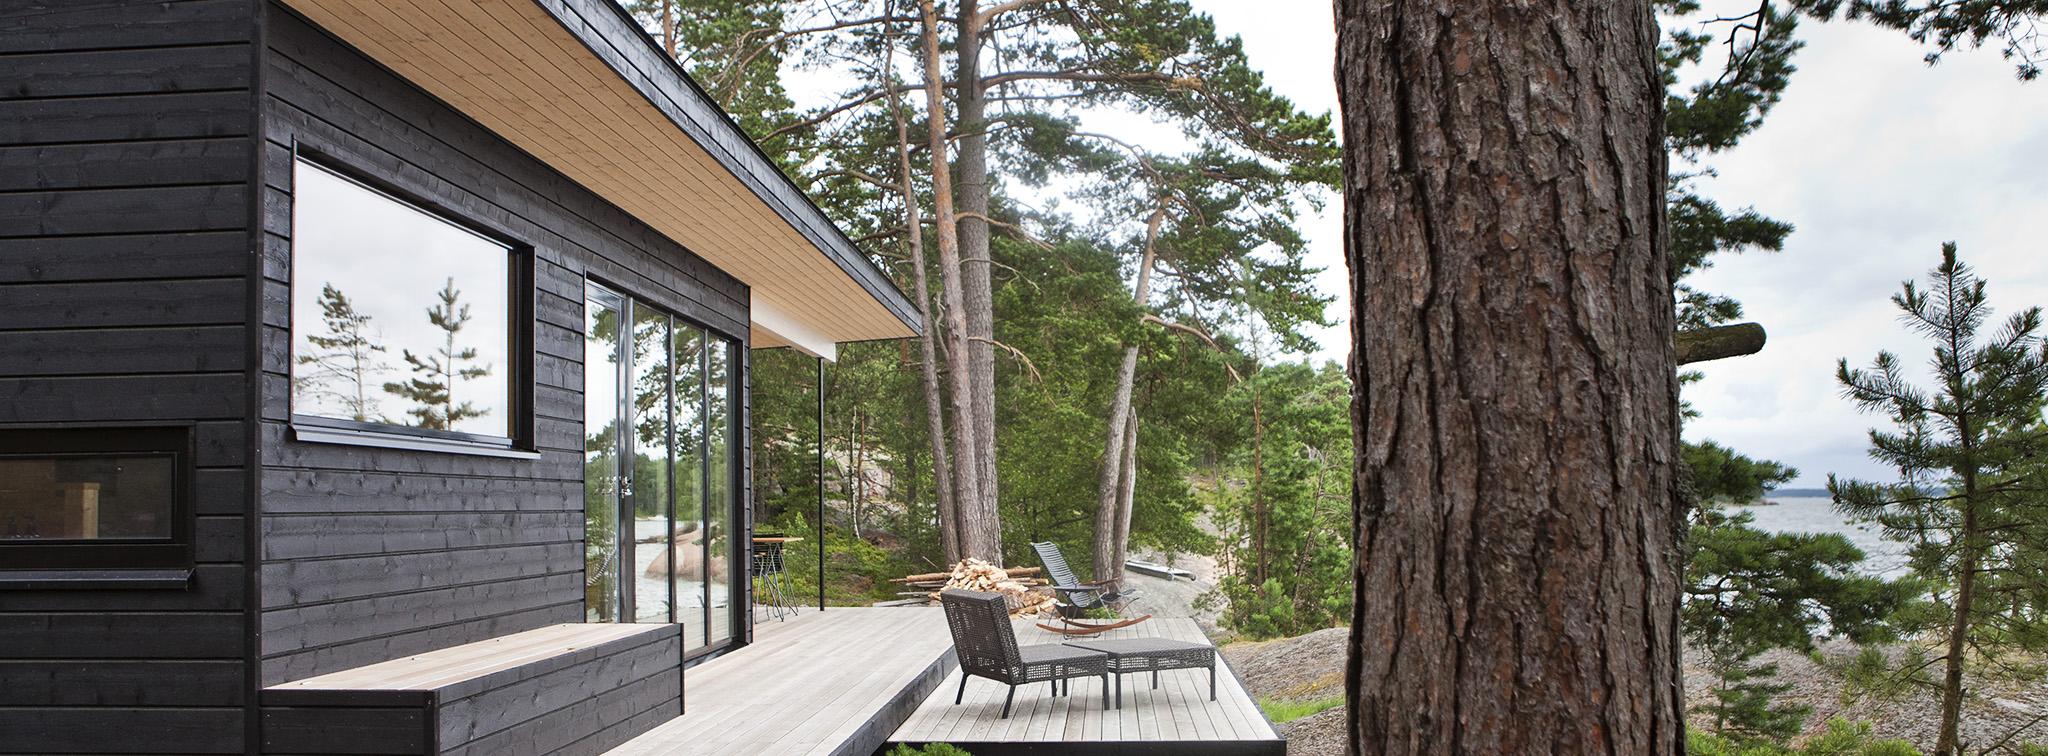 Sunhouse-moderni-sauna